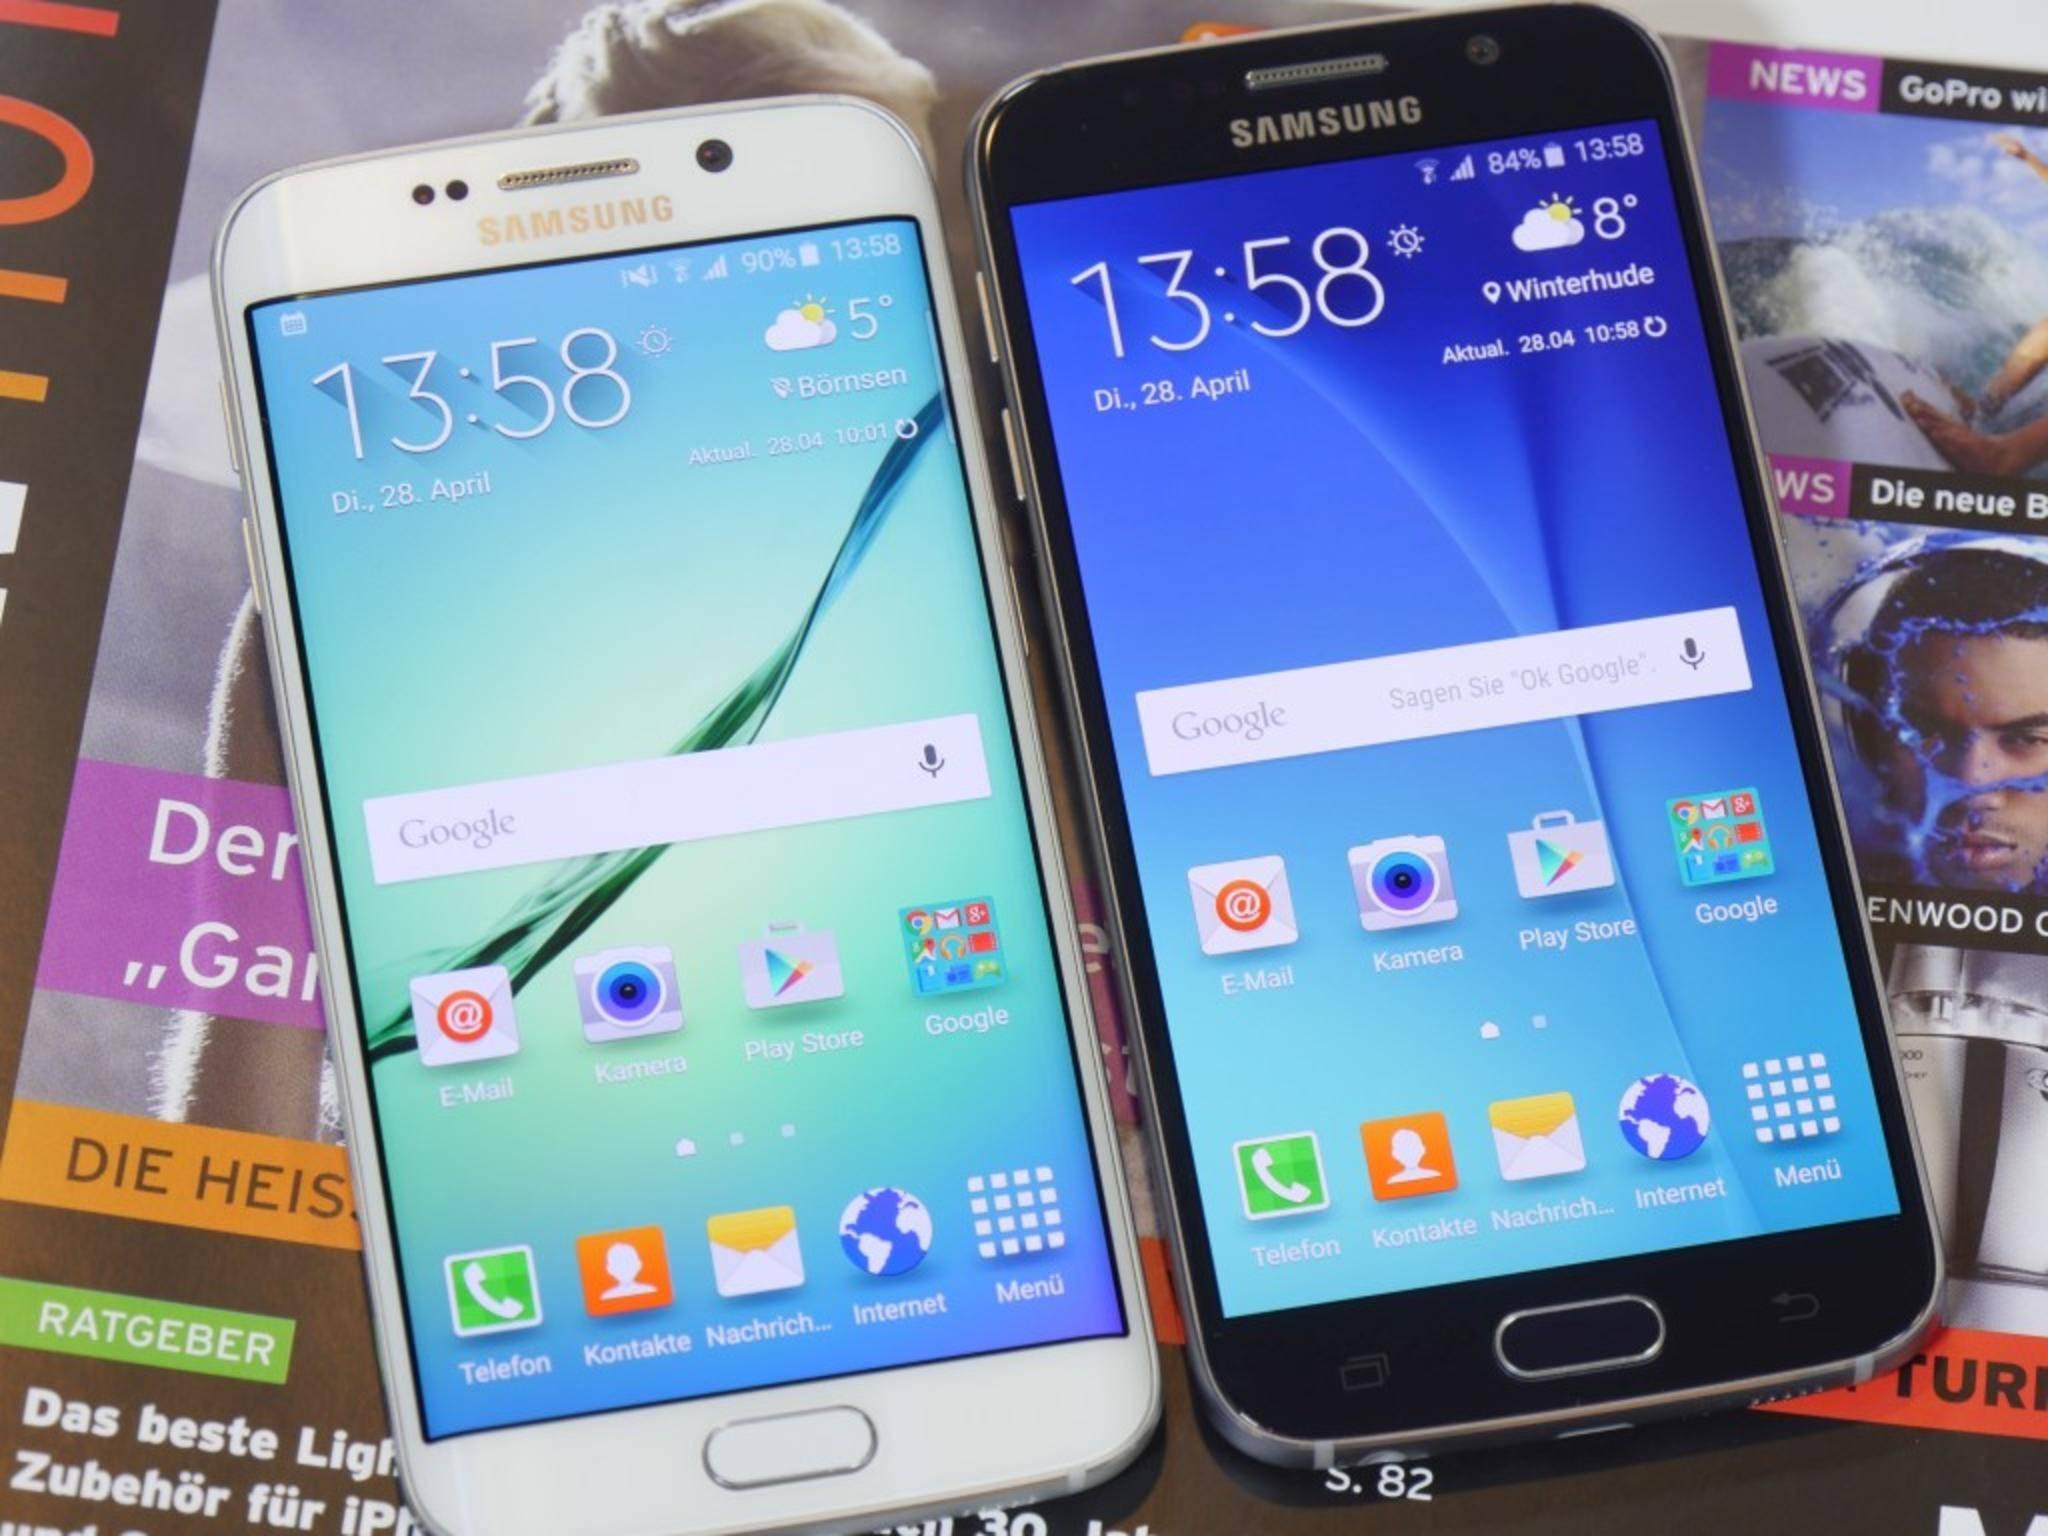 Erscheint der Nachfolger zu Galaxy S6 und S6 Edge noch in diesem Jahr?